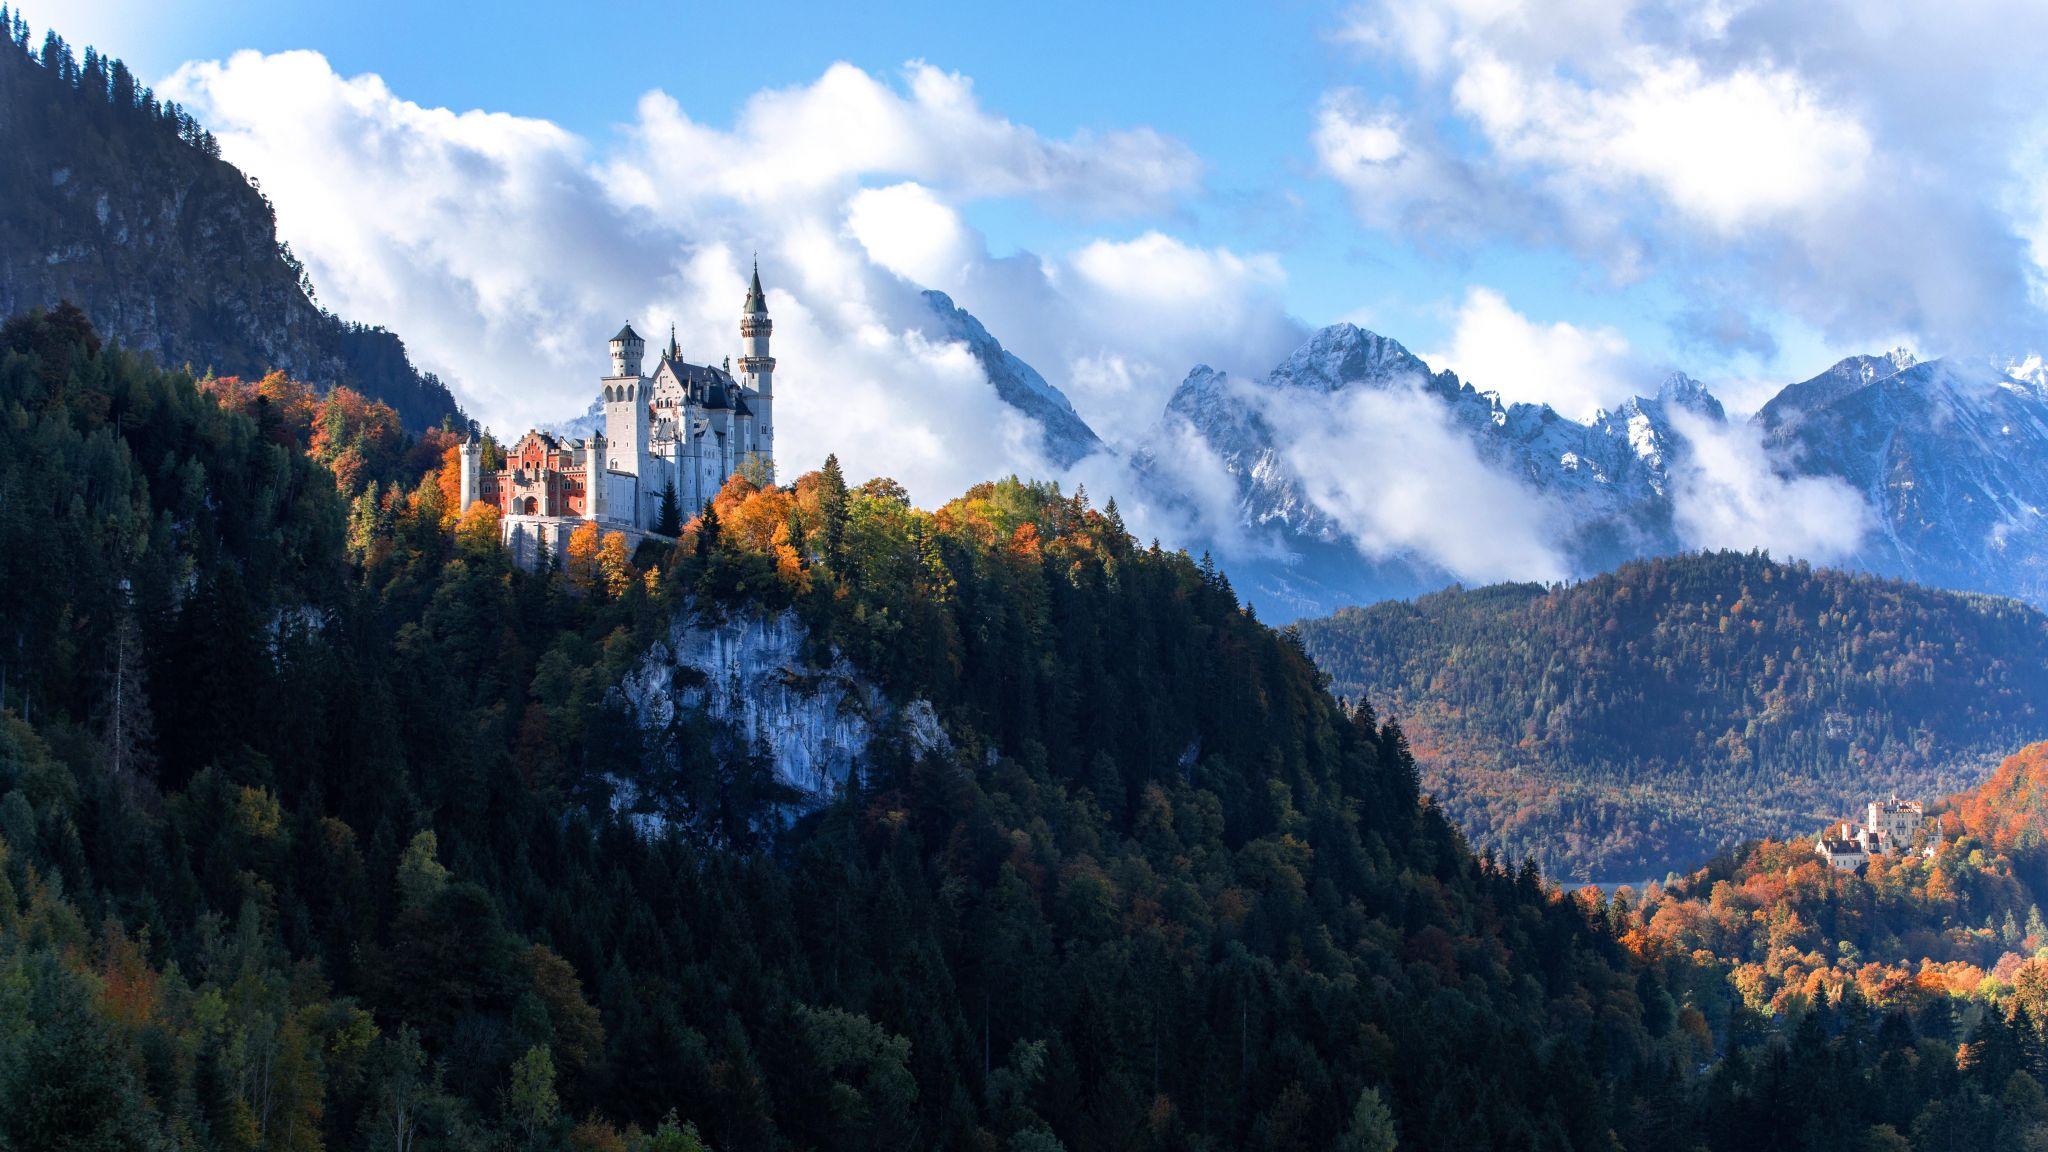 Neuschwanstein Castle North View, Germany